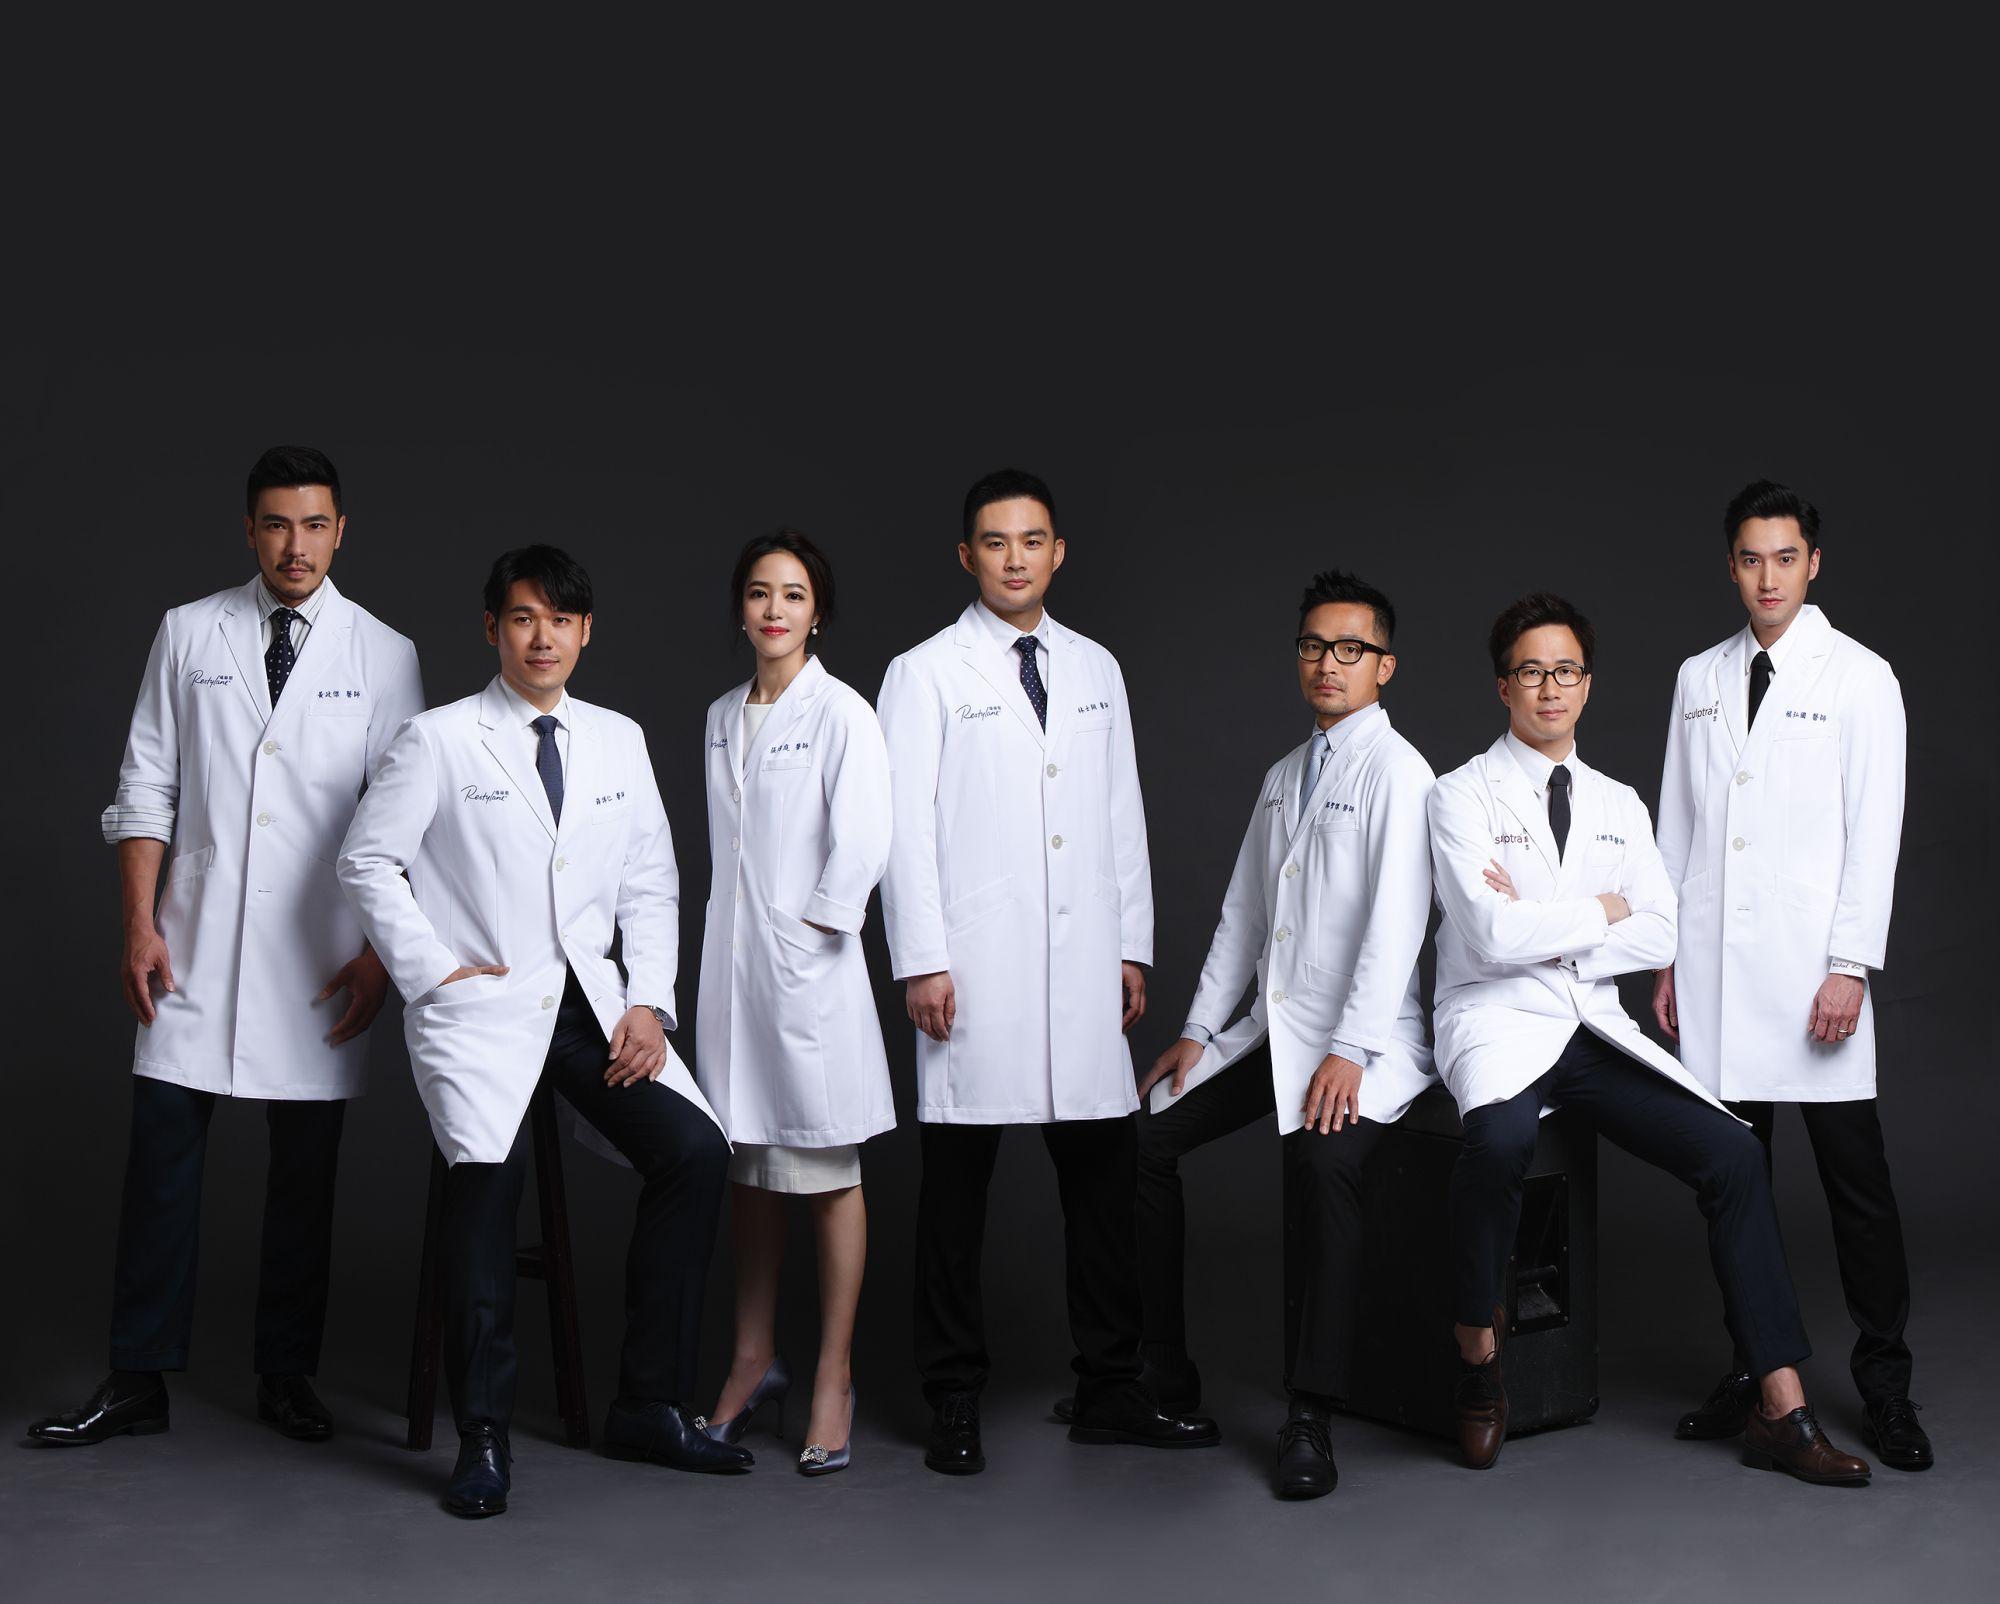 「大數據」時代的醫美健康戰略 聖緹雅醫美集團執行長、一站式醫美健管召集人 薛博仁